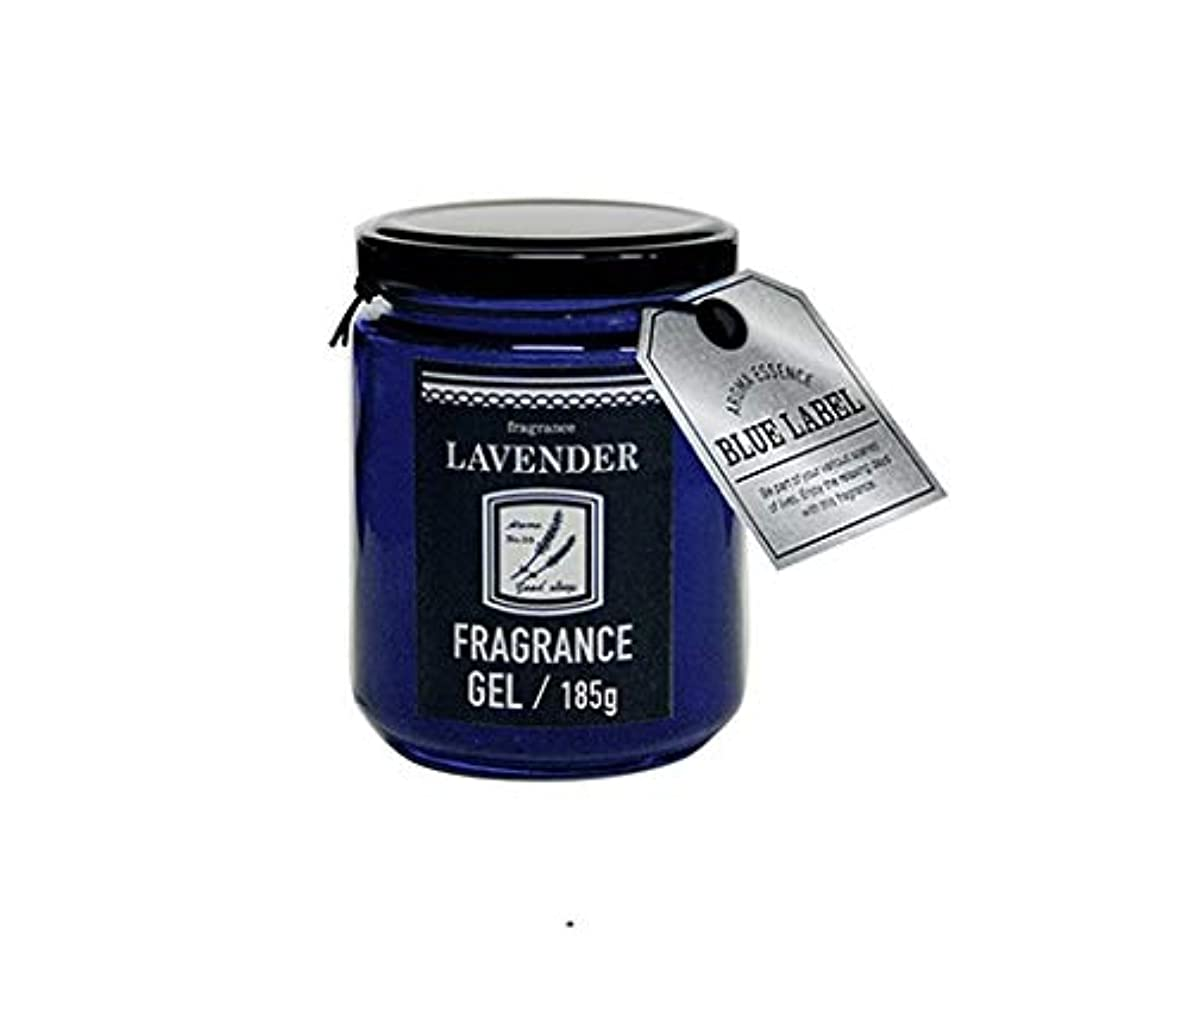 トリム最大化するケイ素アロマエッセンスブルーラベル フレグランスジェル185g ラベンダー(消臭除菌 日本製 心落ち着ける香り)